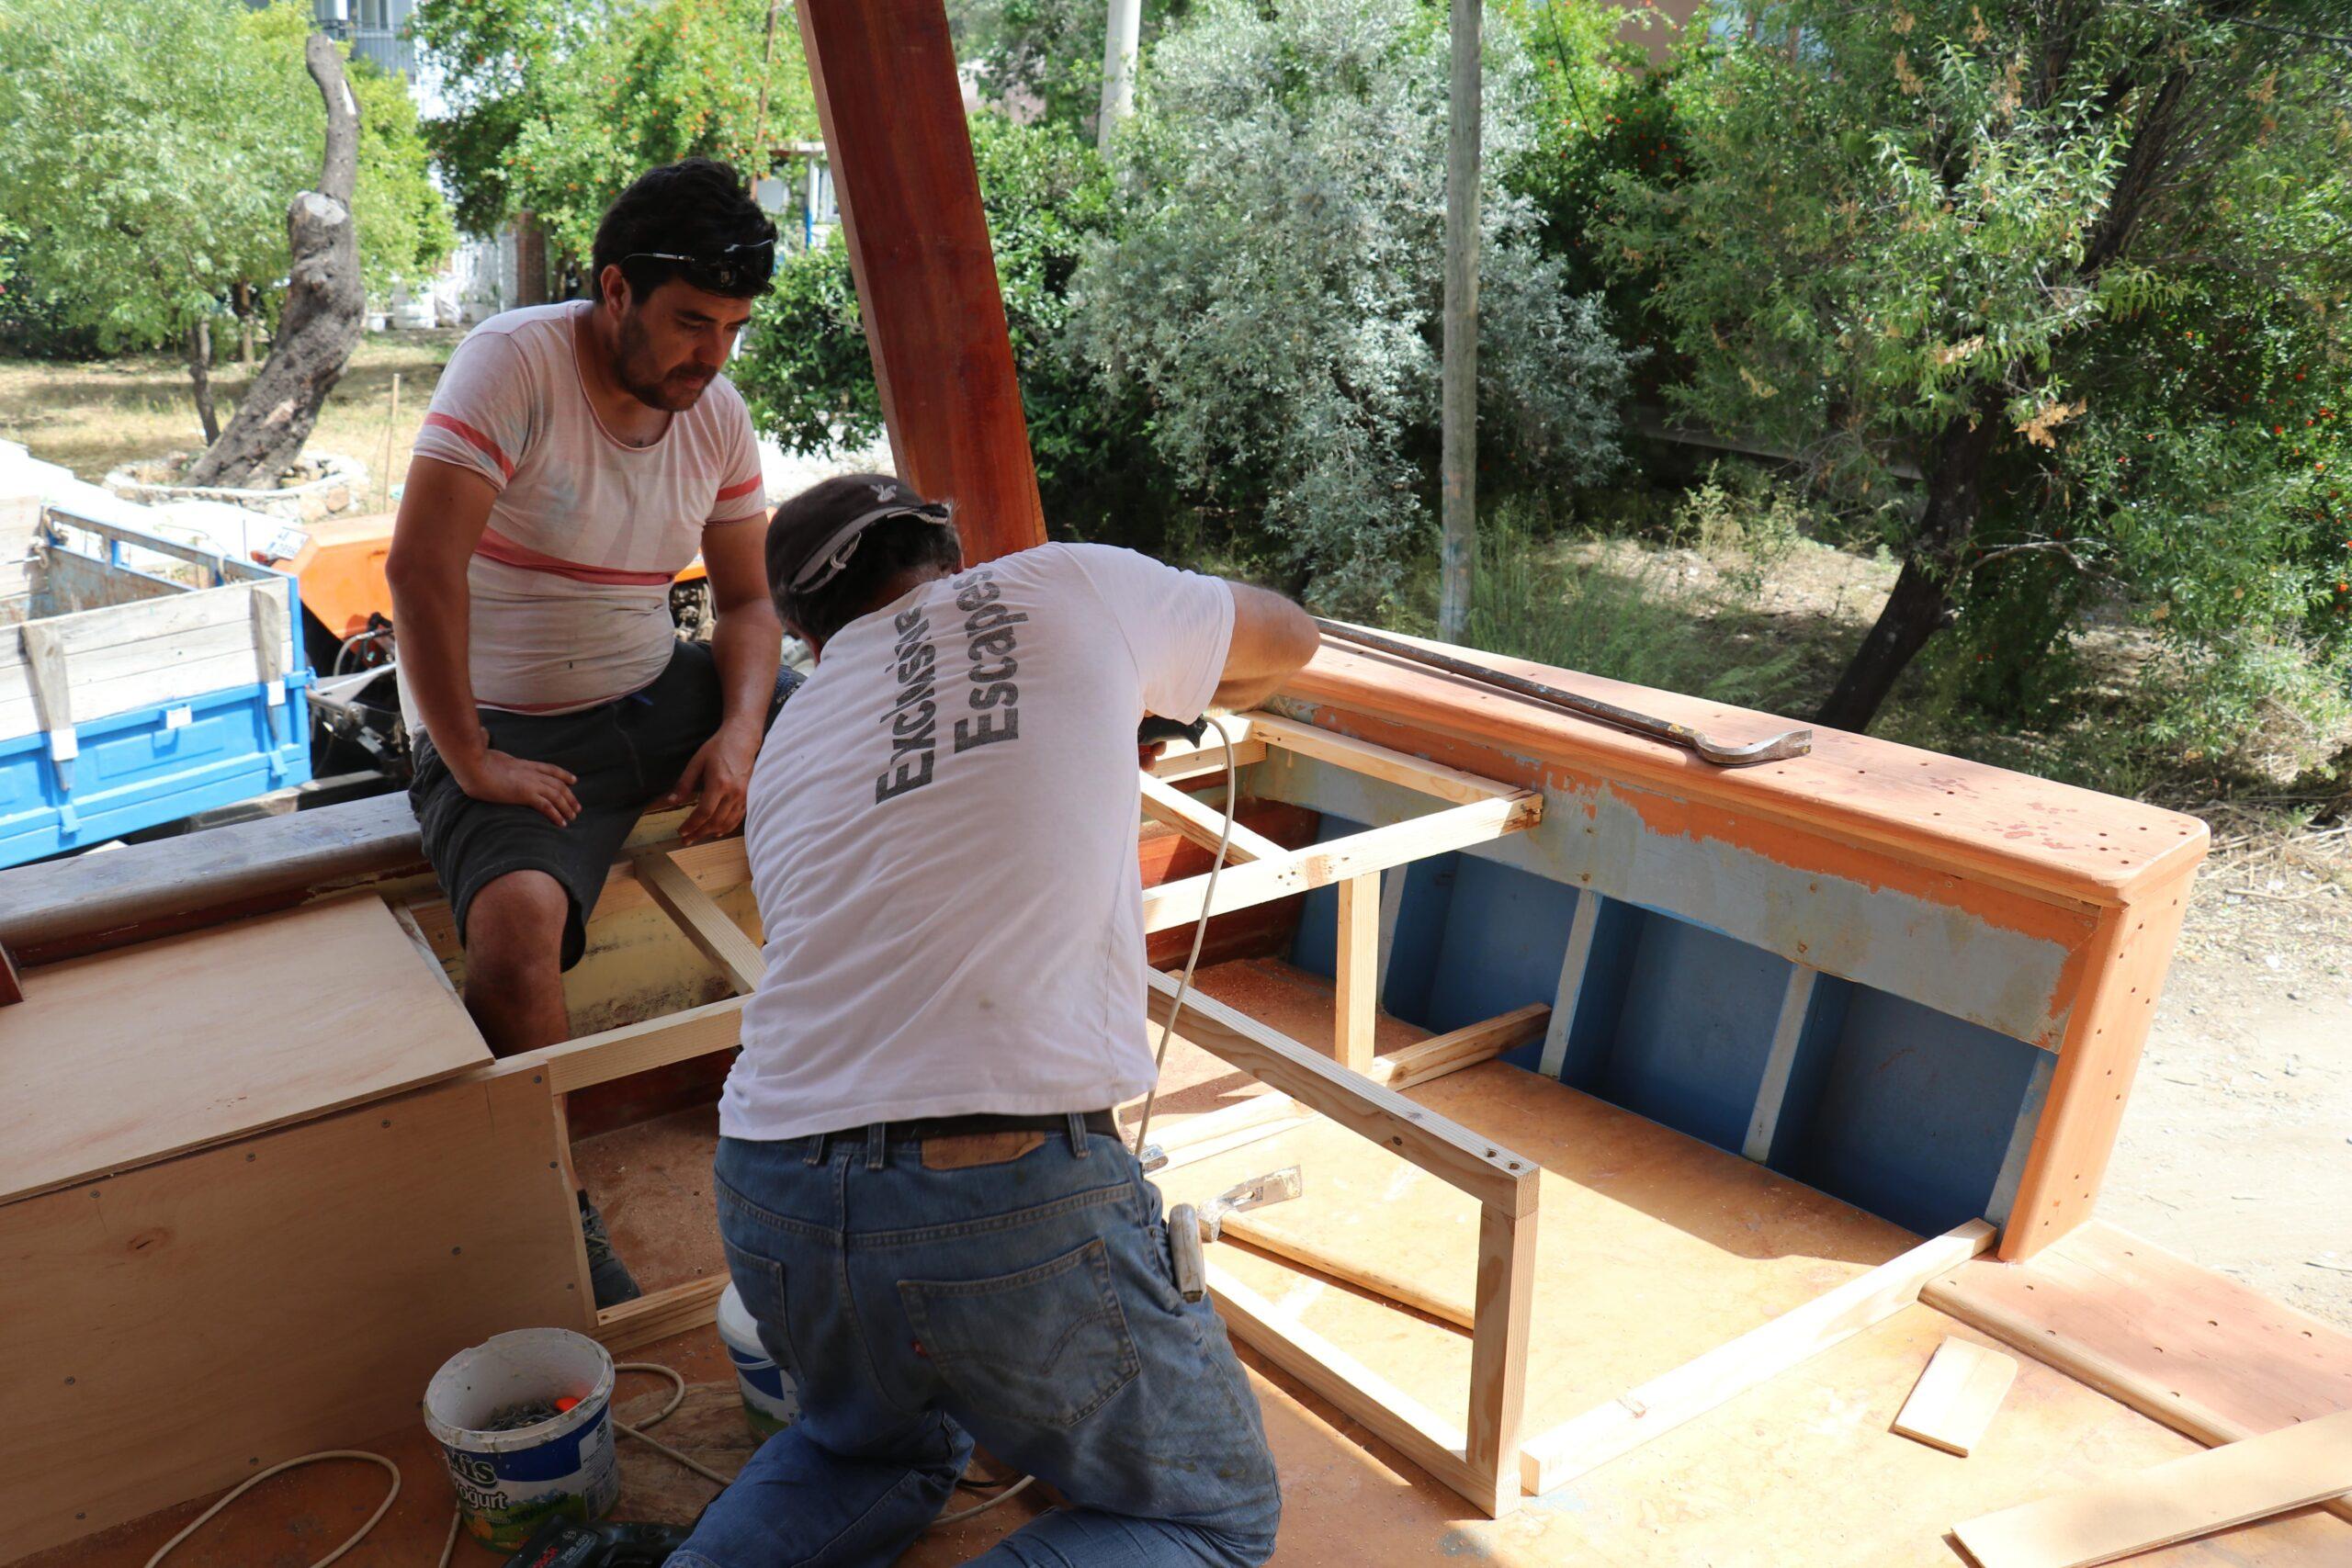 Evlerinin bahçesinde tekne yapıyorlar